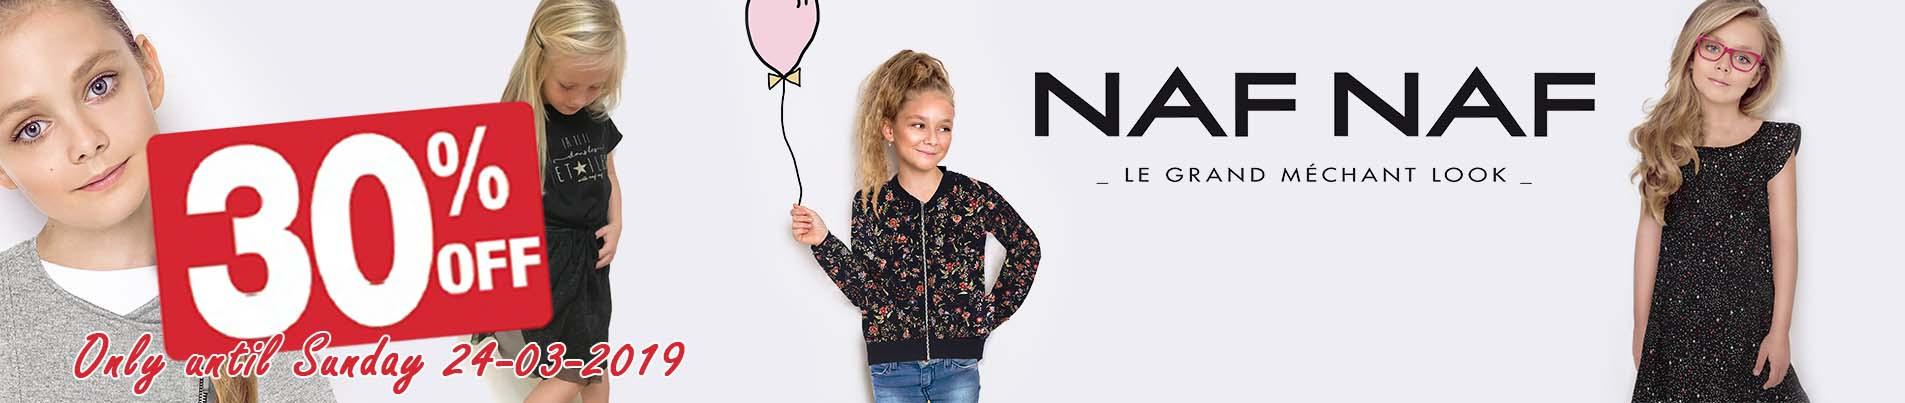 Naf Naf children brand clothes wholesale.